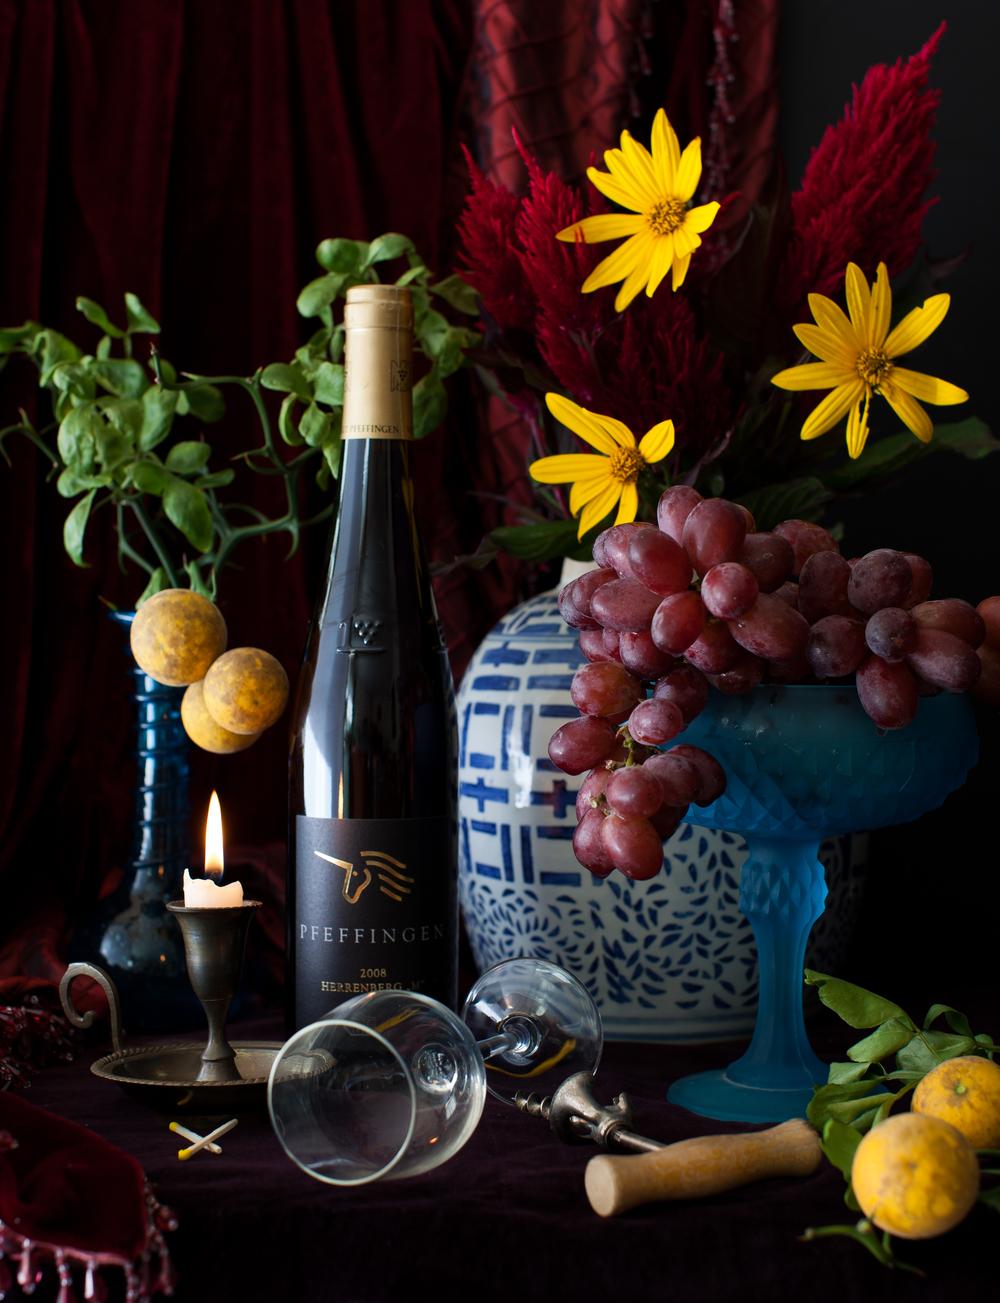 Wine & Grapes Still Life 2014